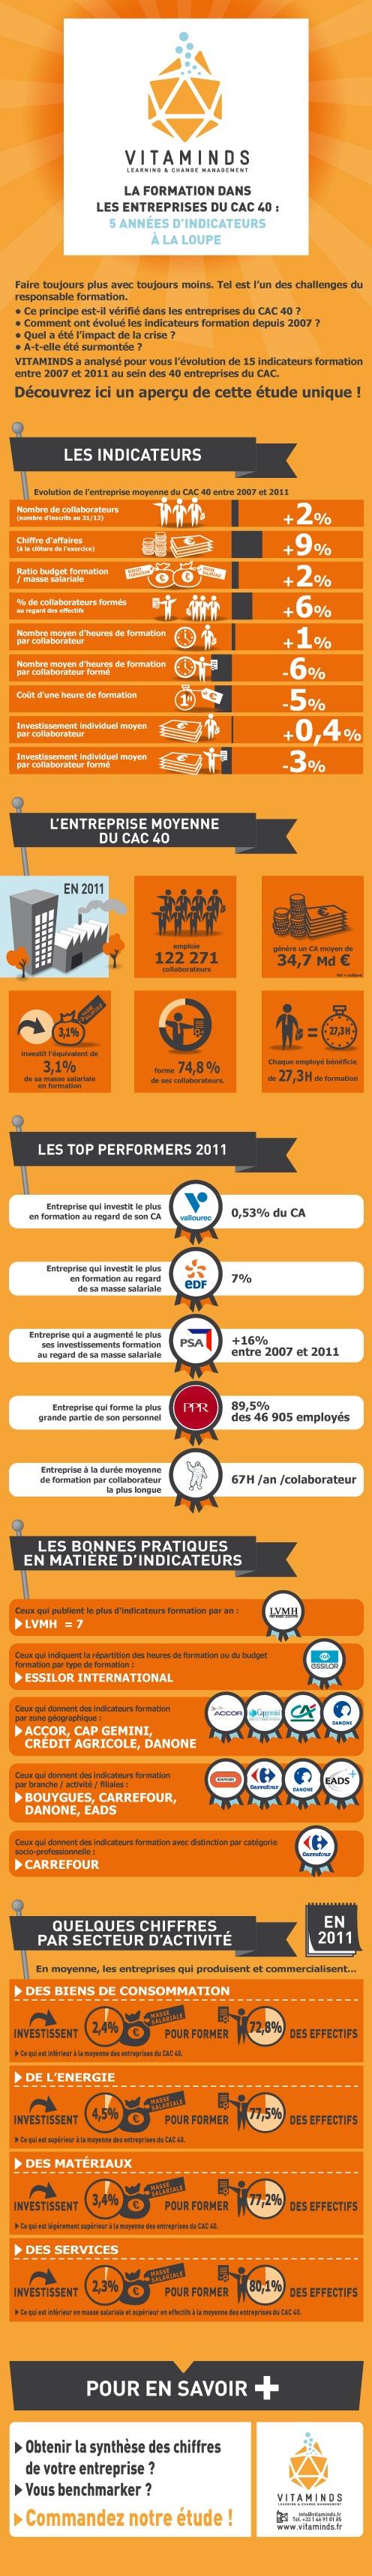 Cette année, VITAMINDS a analysé pour vous l'évolution, de 2007 à 2011, de 15 indicateurs Formation au sein des entreprises du CAC 40. Découvrez en avant-première quelques chiffres de cette étude comparative unique !